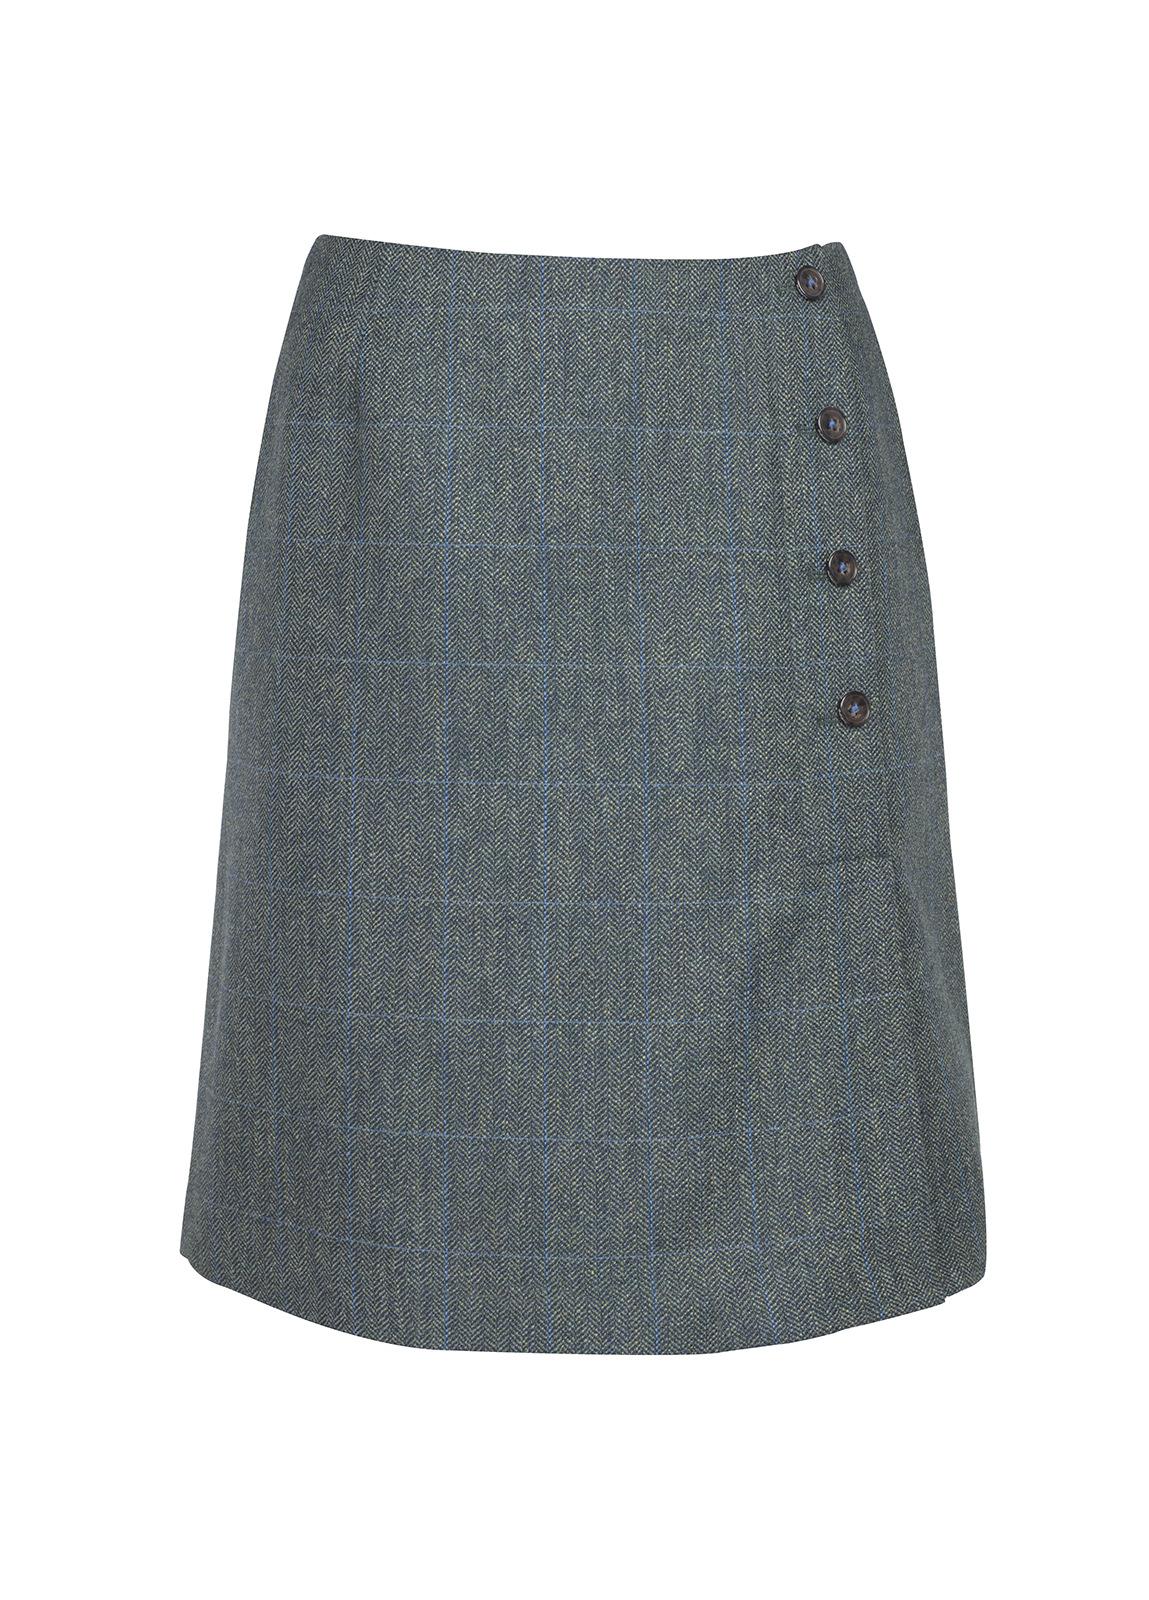 Dubarry_ Marjoram Slim Tweed Skirt - Mist_Image_2